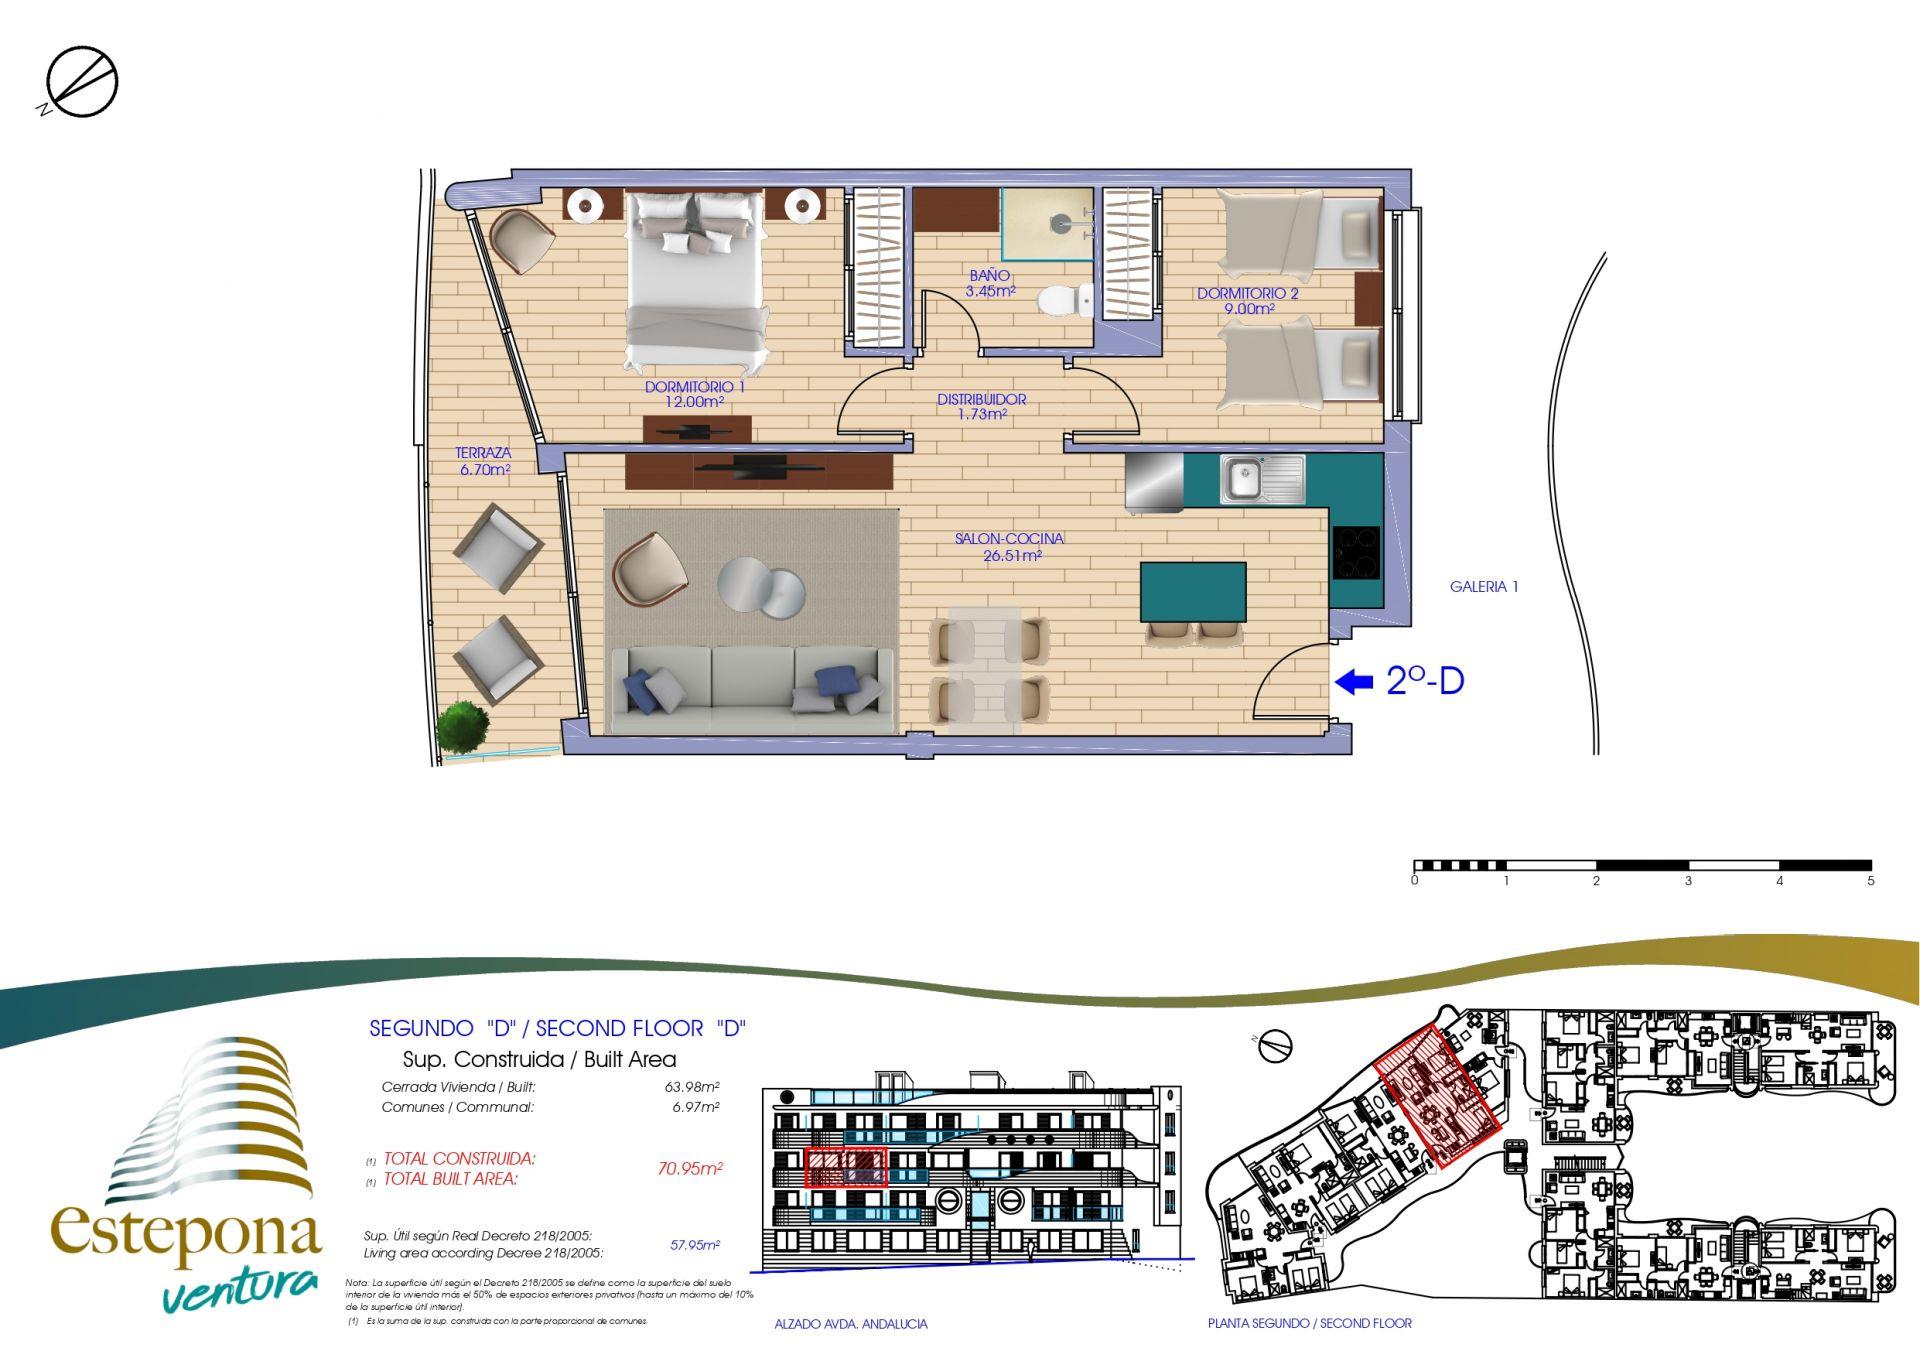 2d - Ventura Estepona | Compra de casa en Estepona